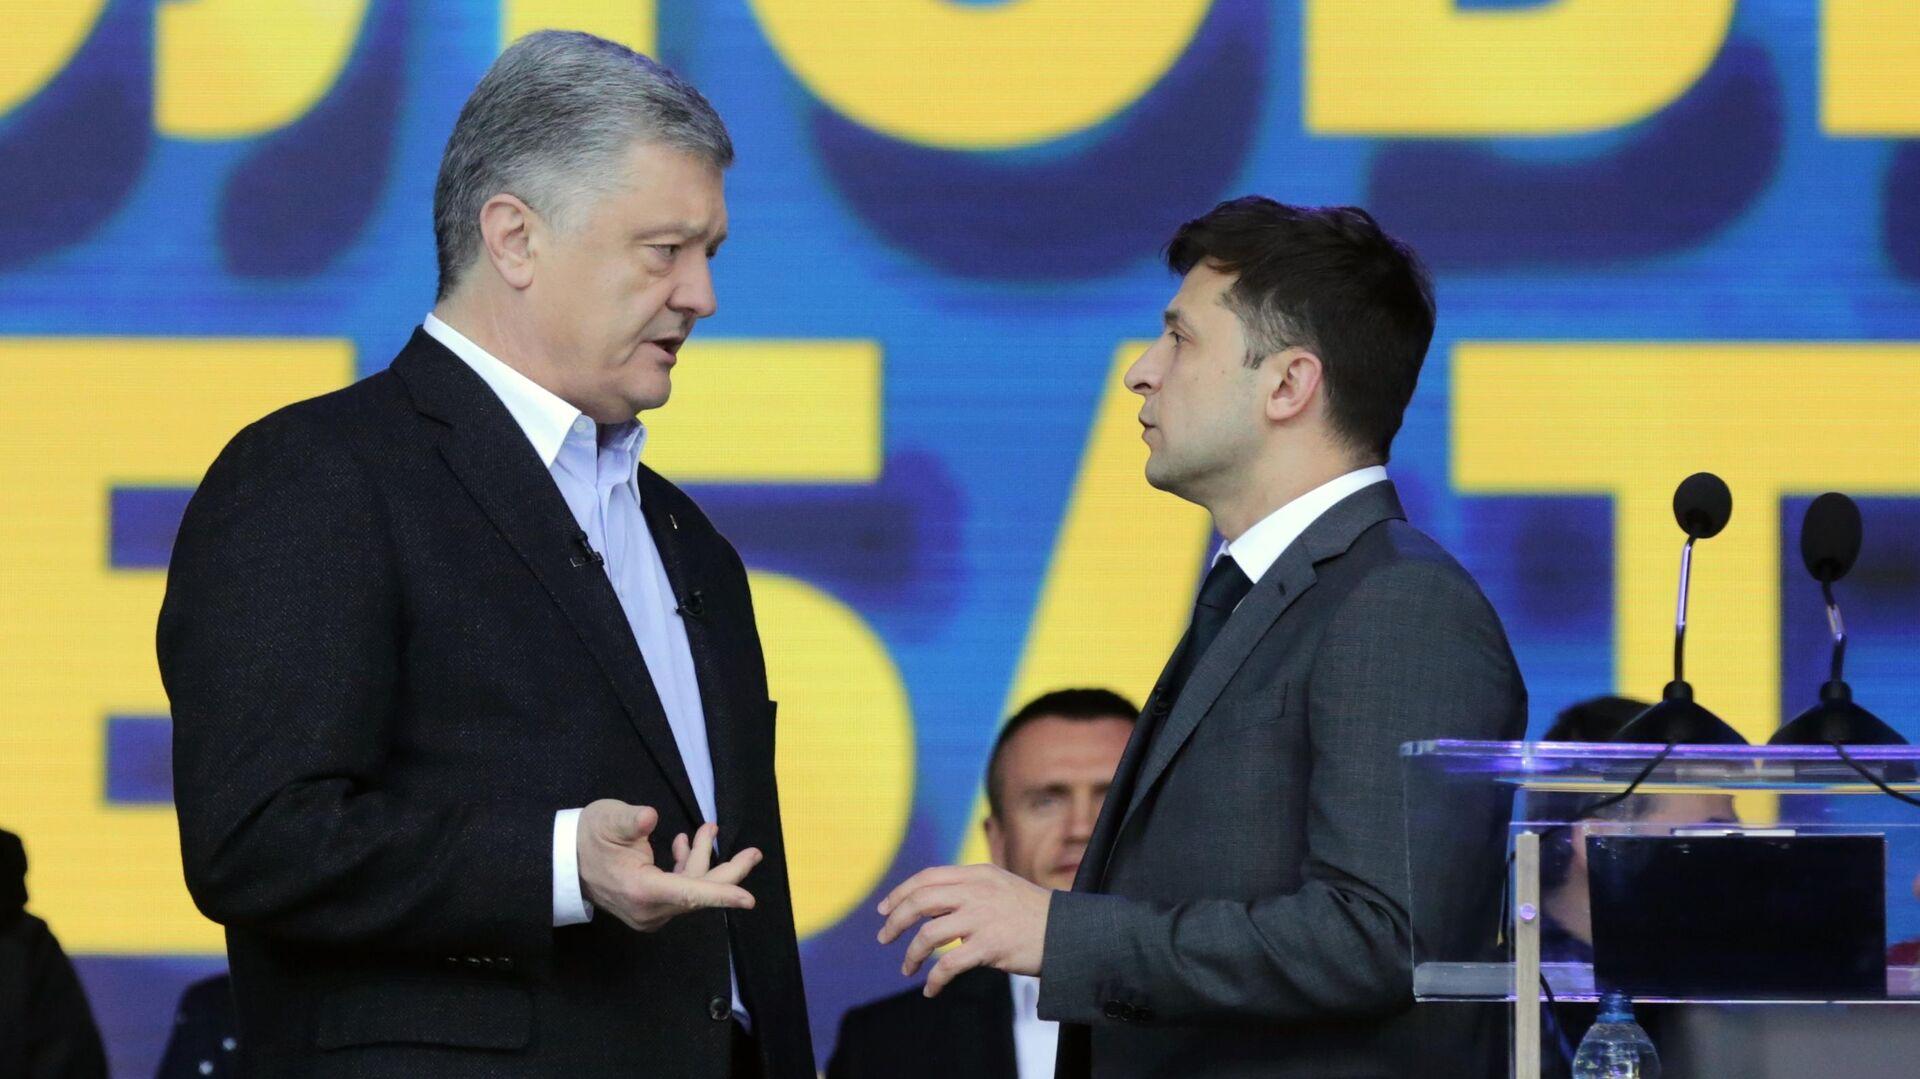 Дебаты кандидатов в президенты Украины Петра Порошенко и Владимира Зеленского - РИА Новости, 1920, 22.02.2021